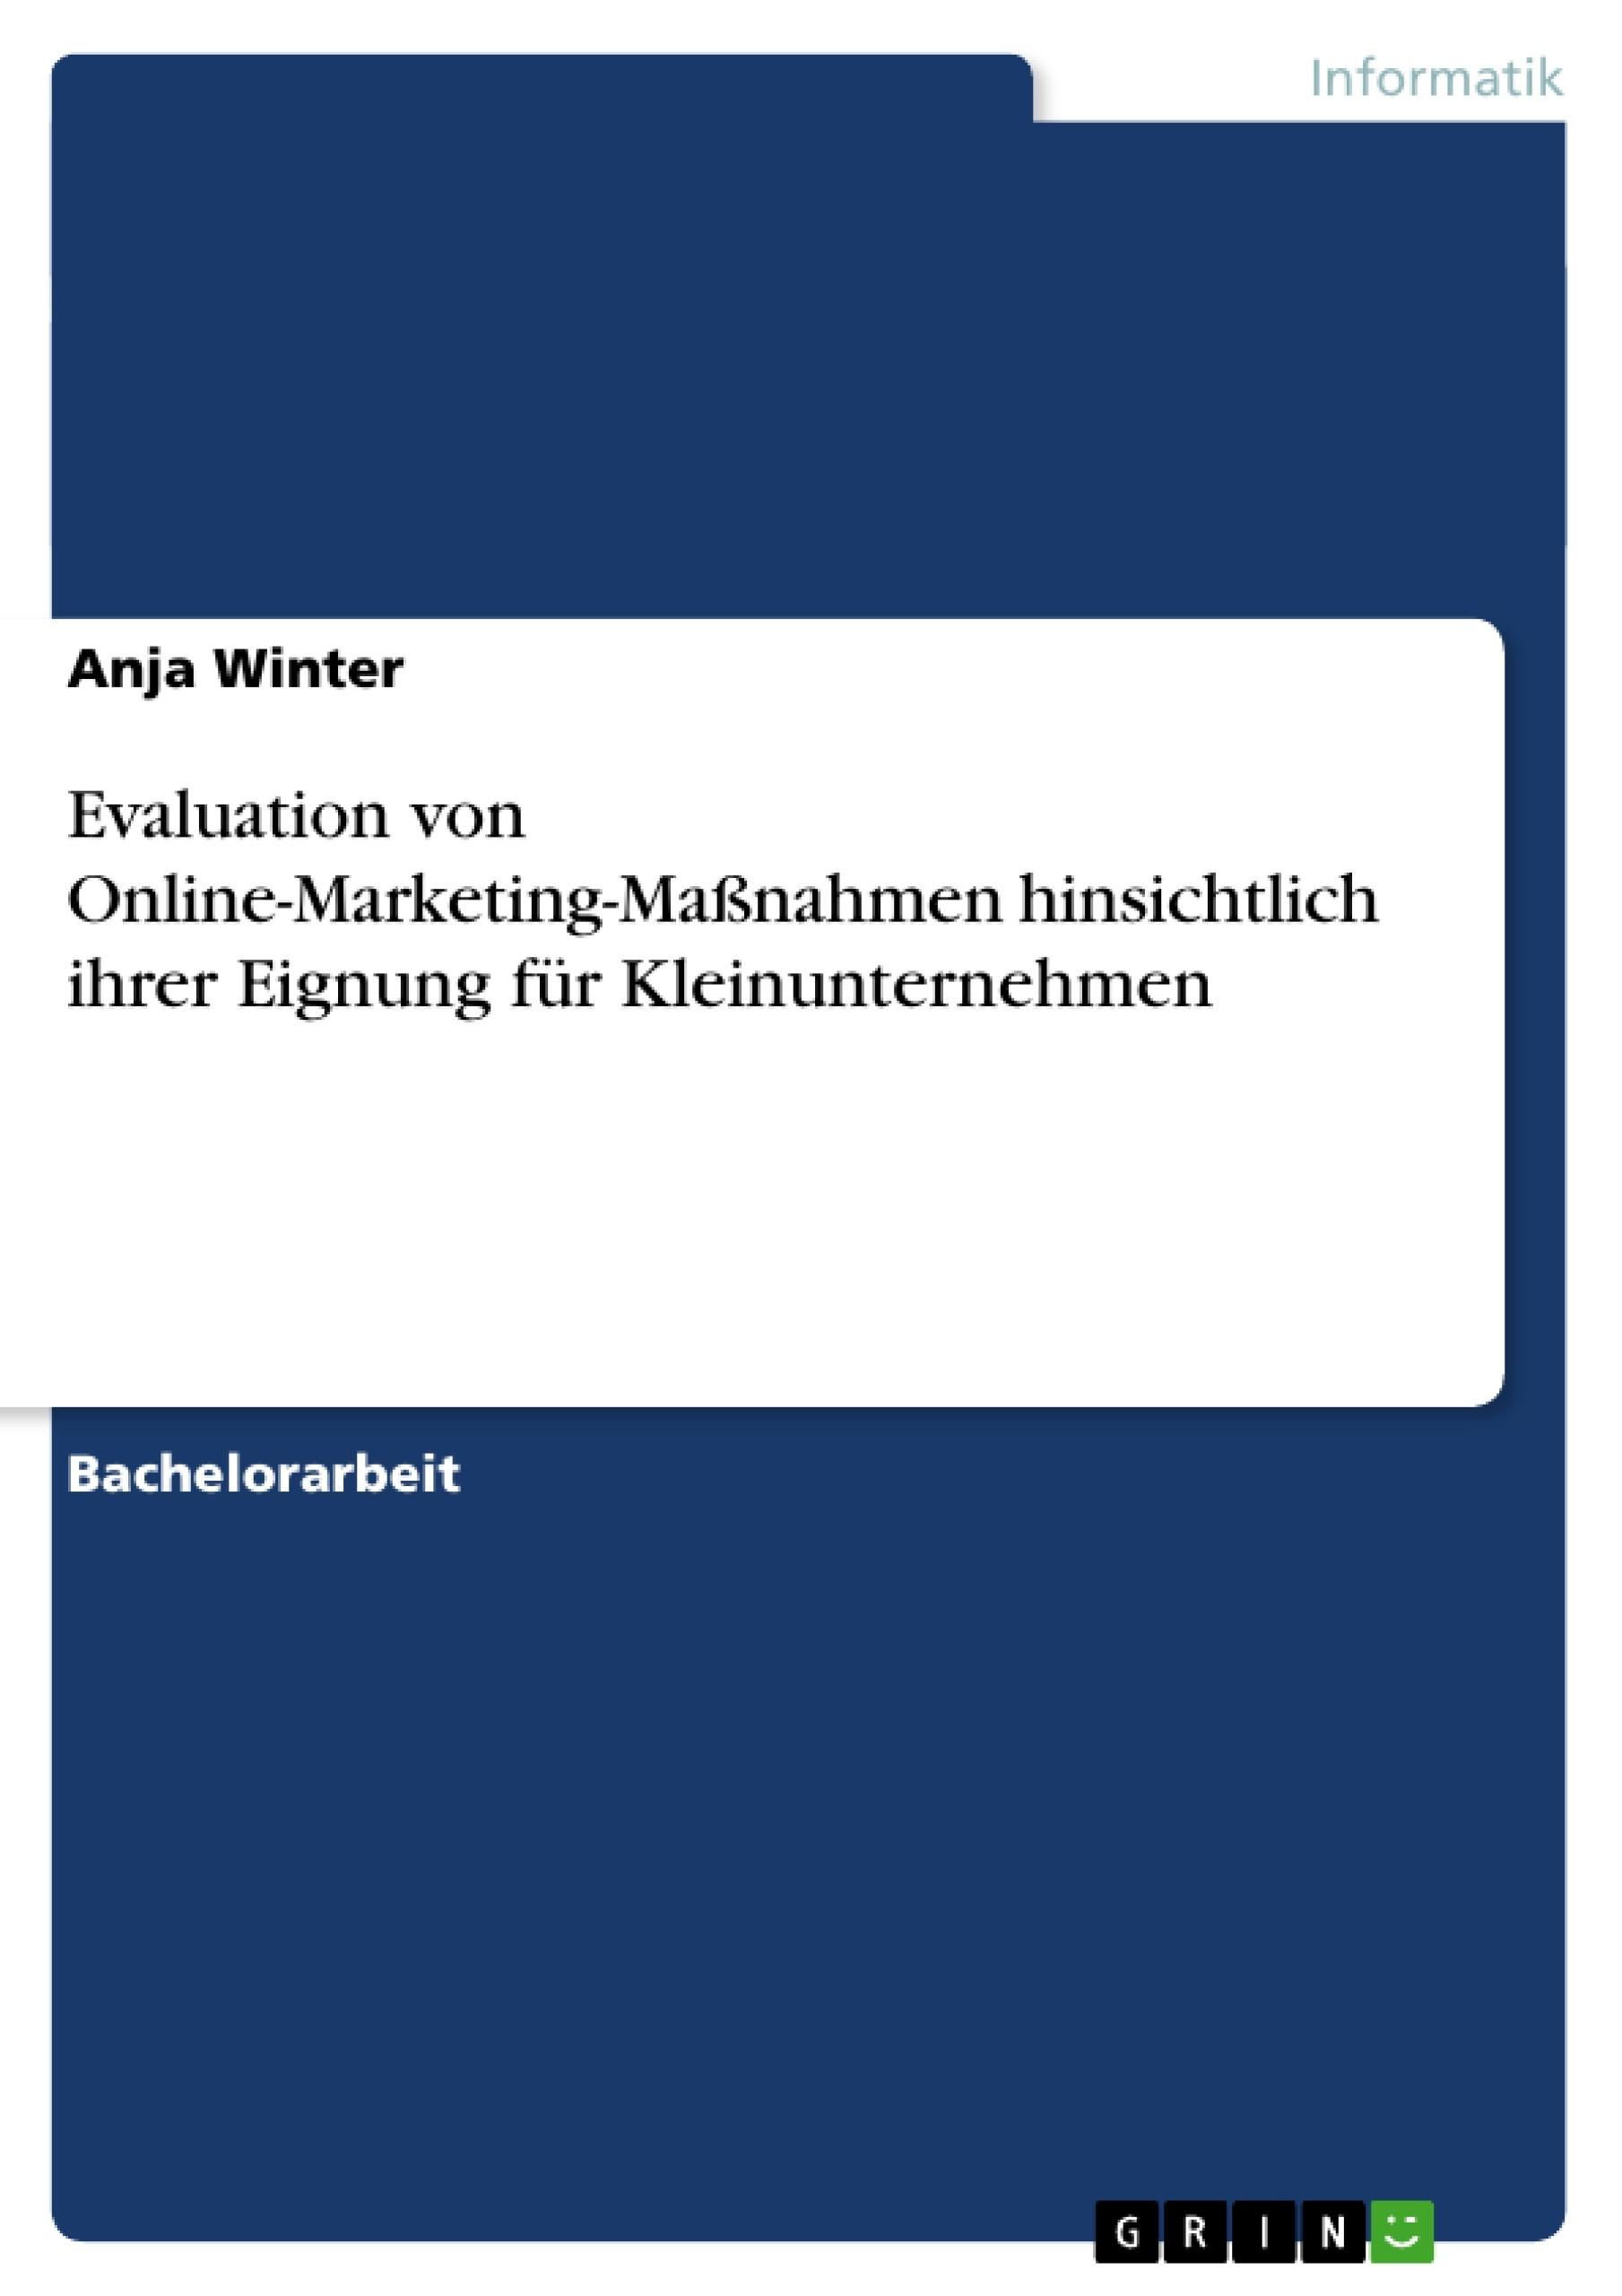 Titel: Evaluation von Online-Marketing-Maßnahmen hinsichtlich ihrer Eignung für Kleinunternehmen